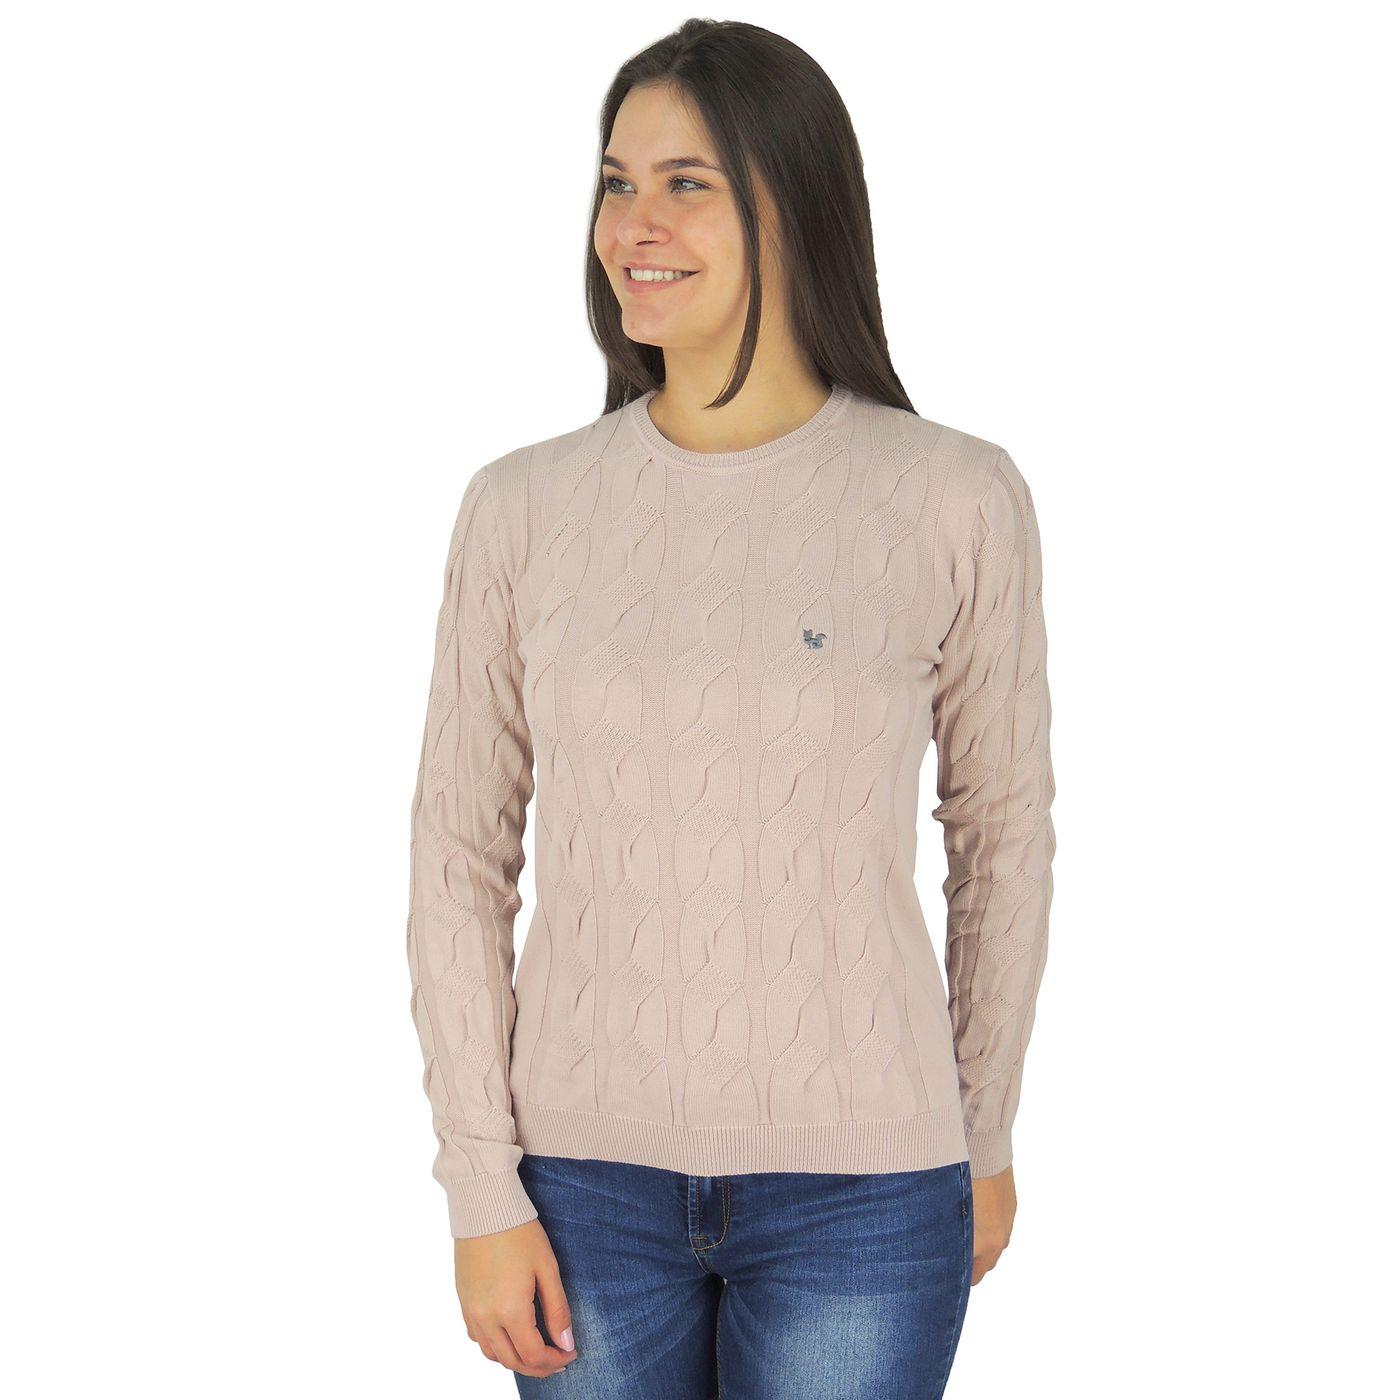 Suéter Feminino Algodão Soho Rosa Pele - fieroshop 2450fbc8cdc